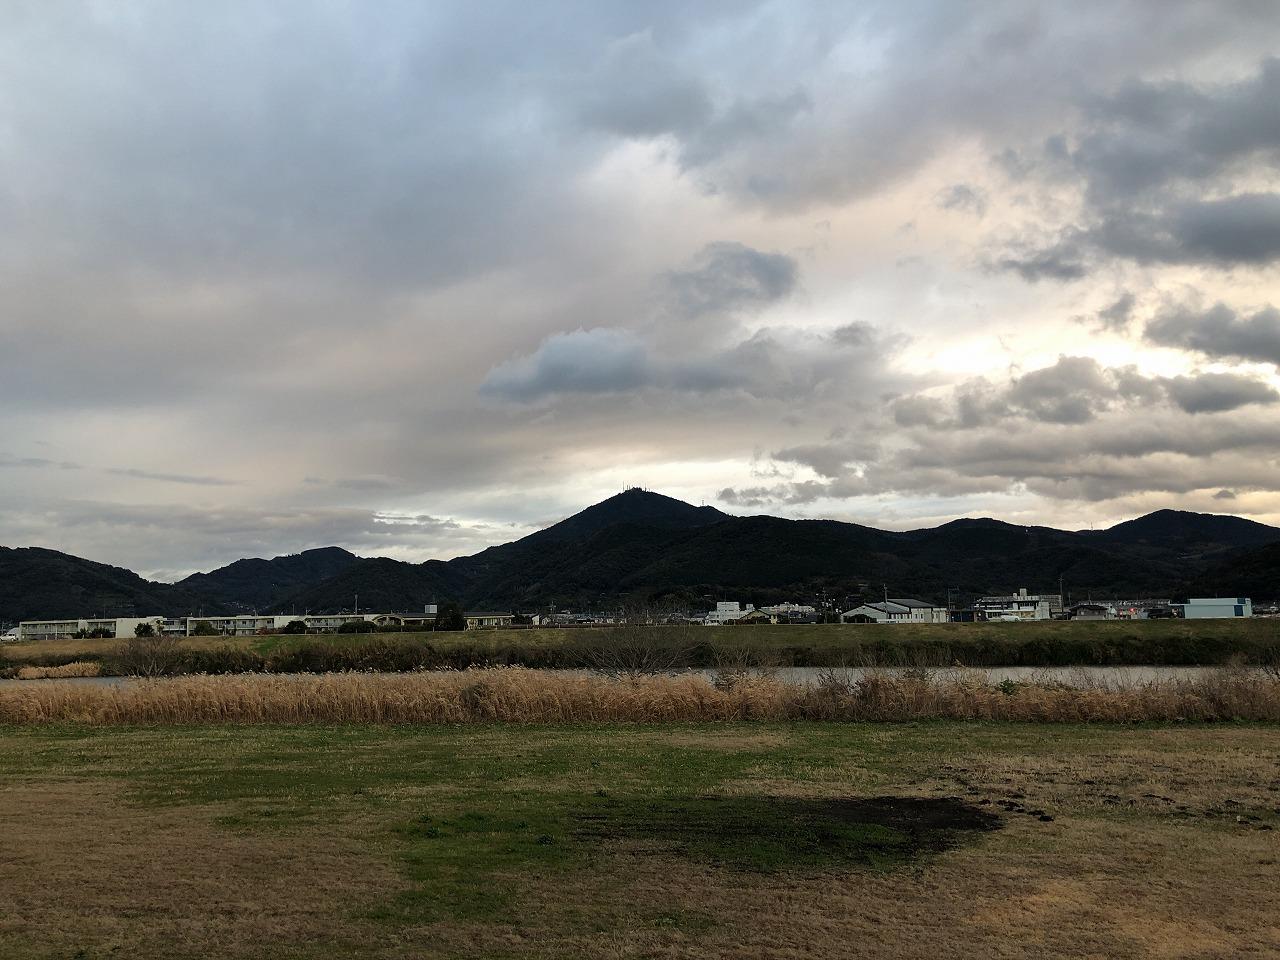 2020.1.27今朝の金峰山です。